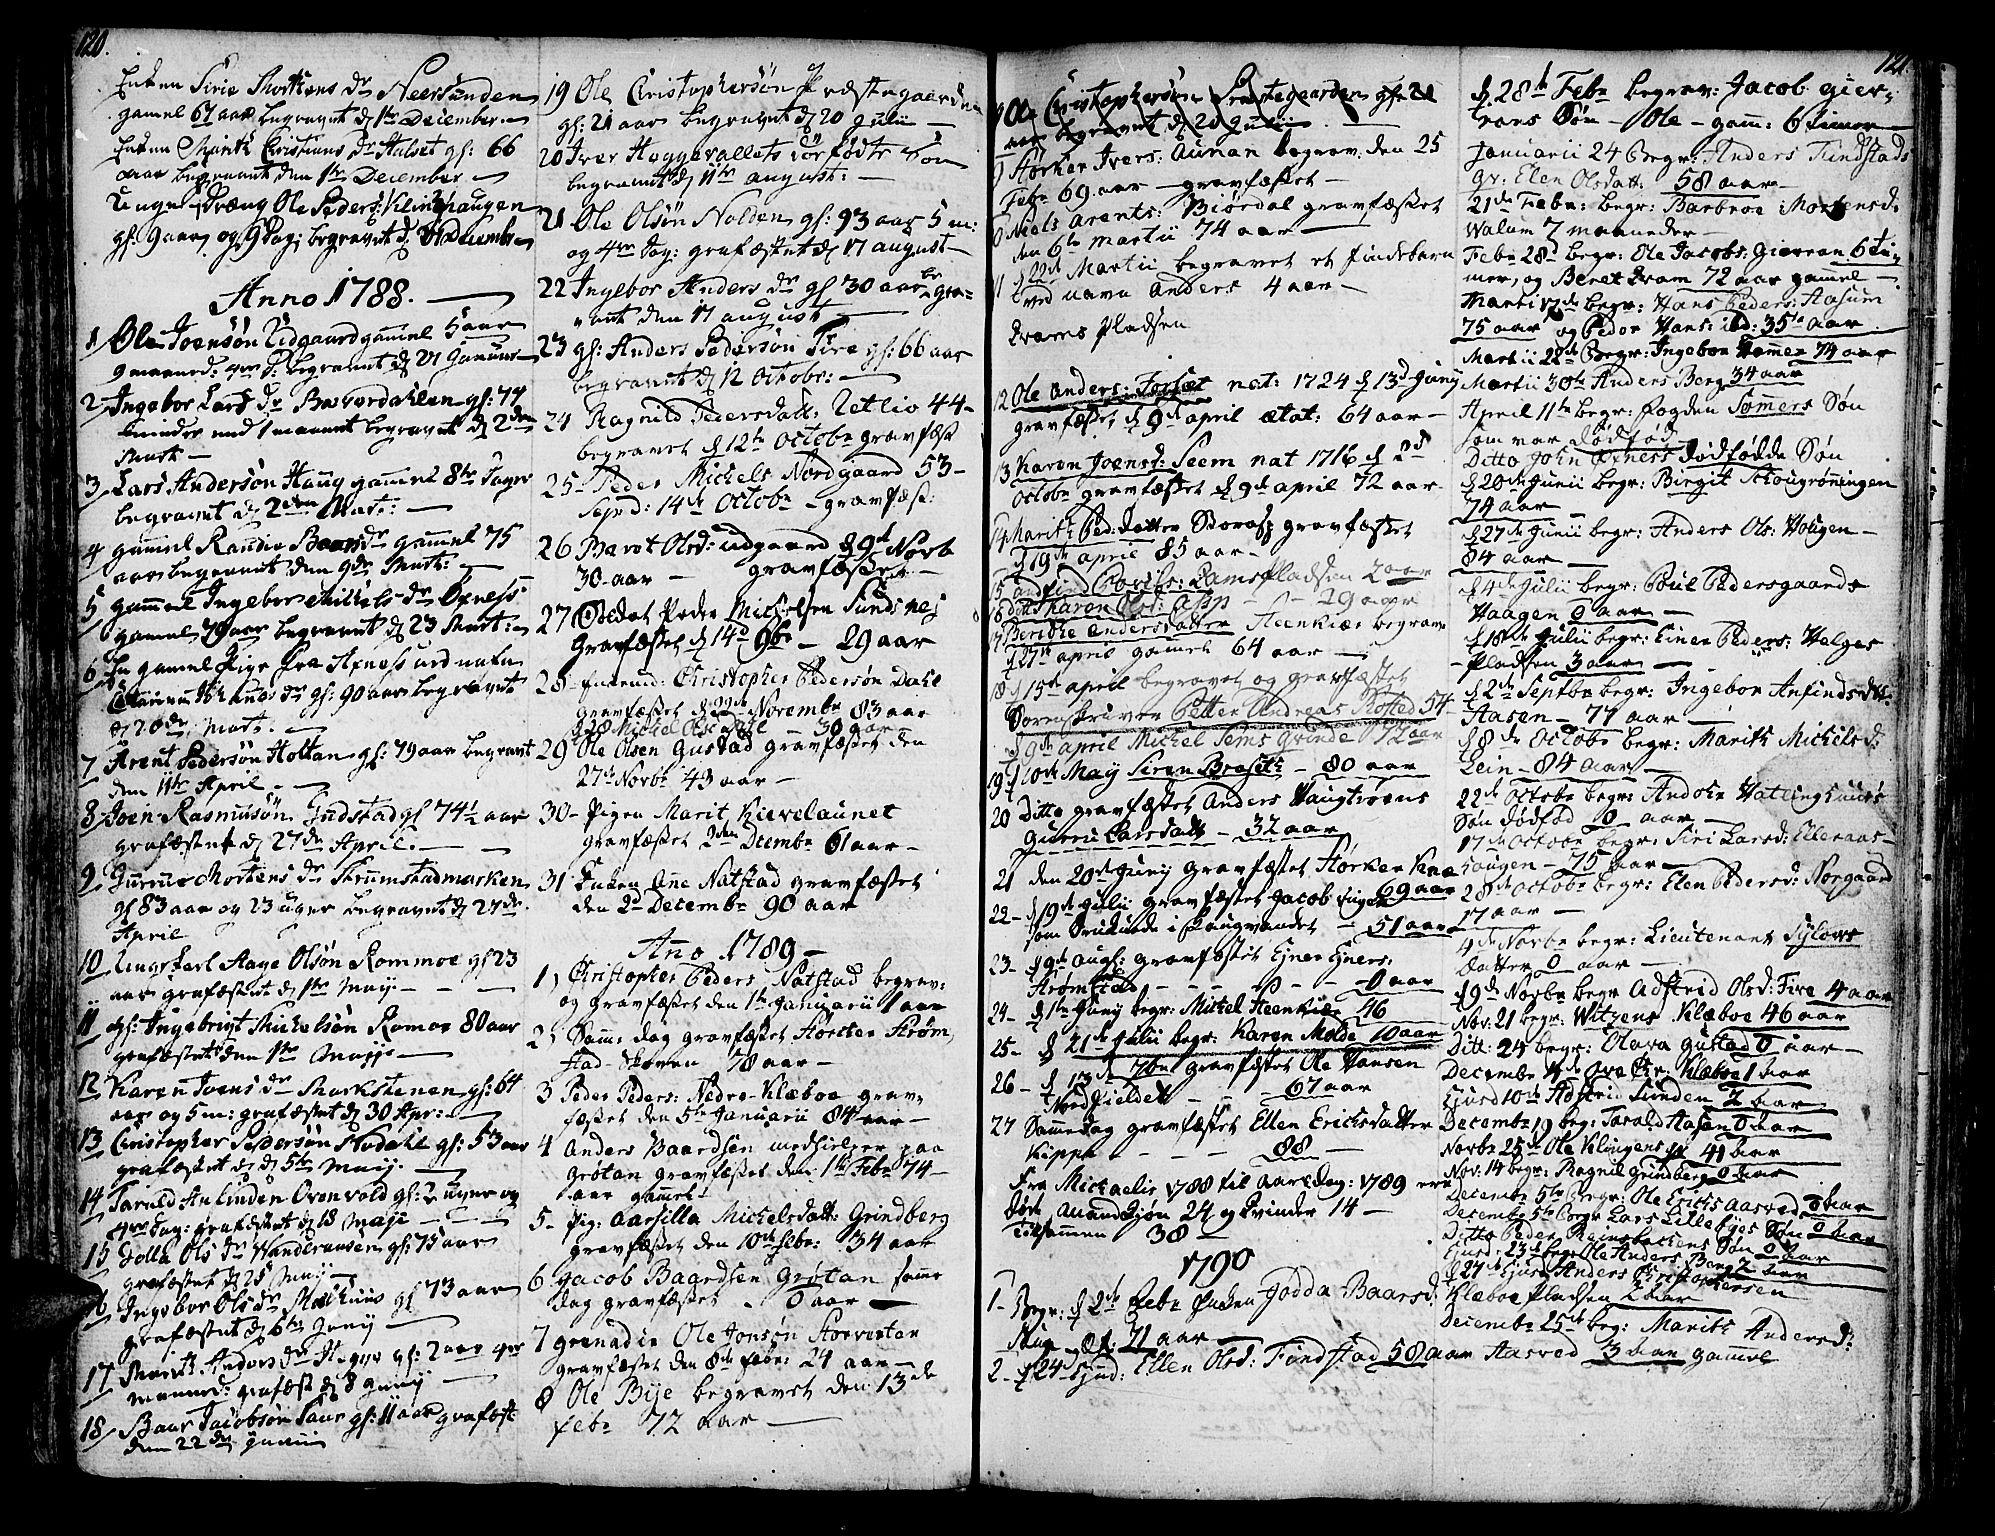 SAT, Ministerialprotokoller, klokkerbøker og fødselsregistre - Nord-Trøndelag, 746/L0440: Ministerialbok nr. 746A02, 1760-1815, s. 120-121